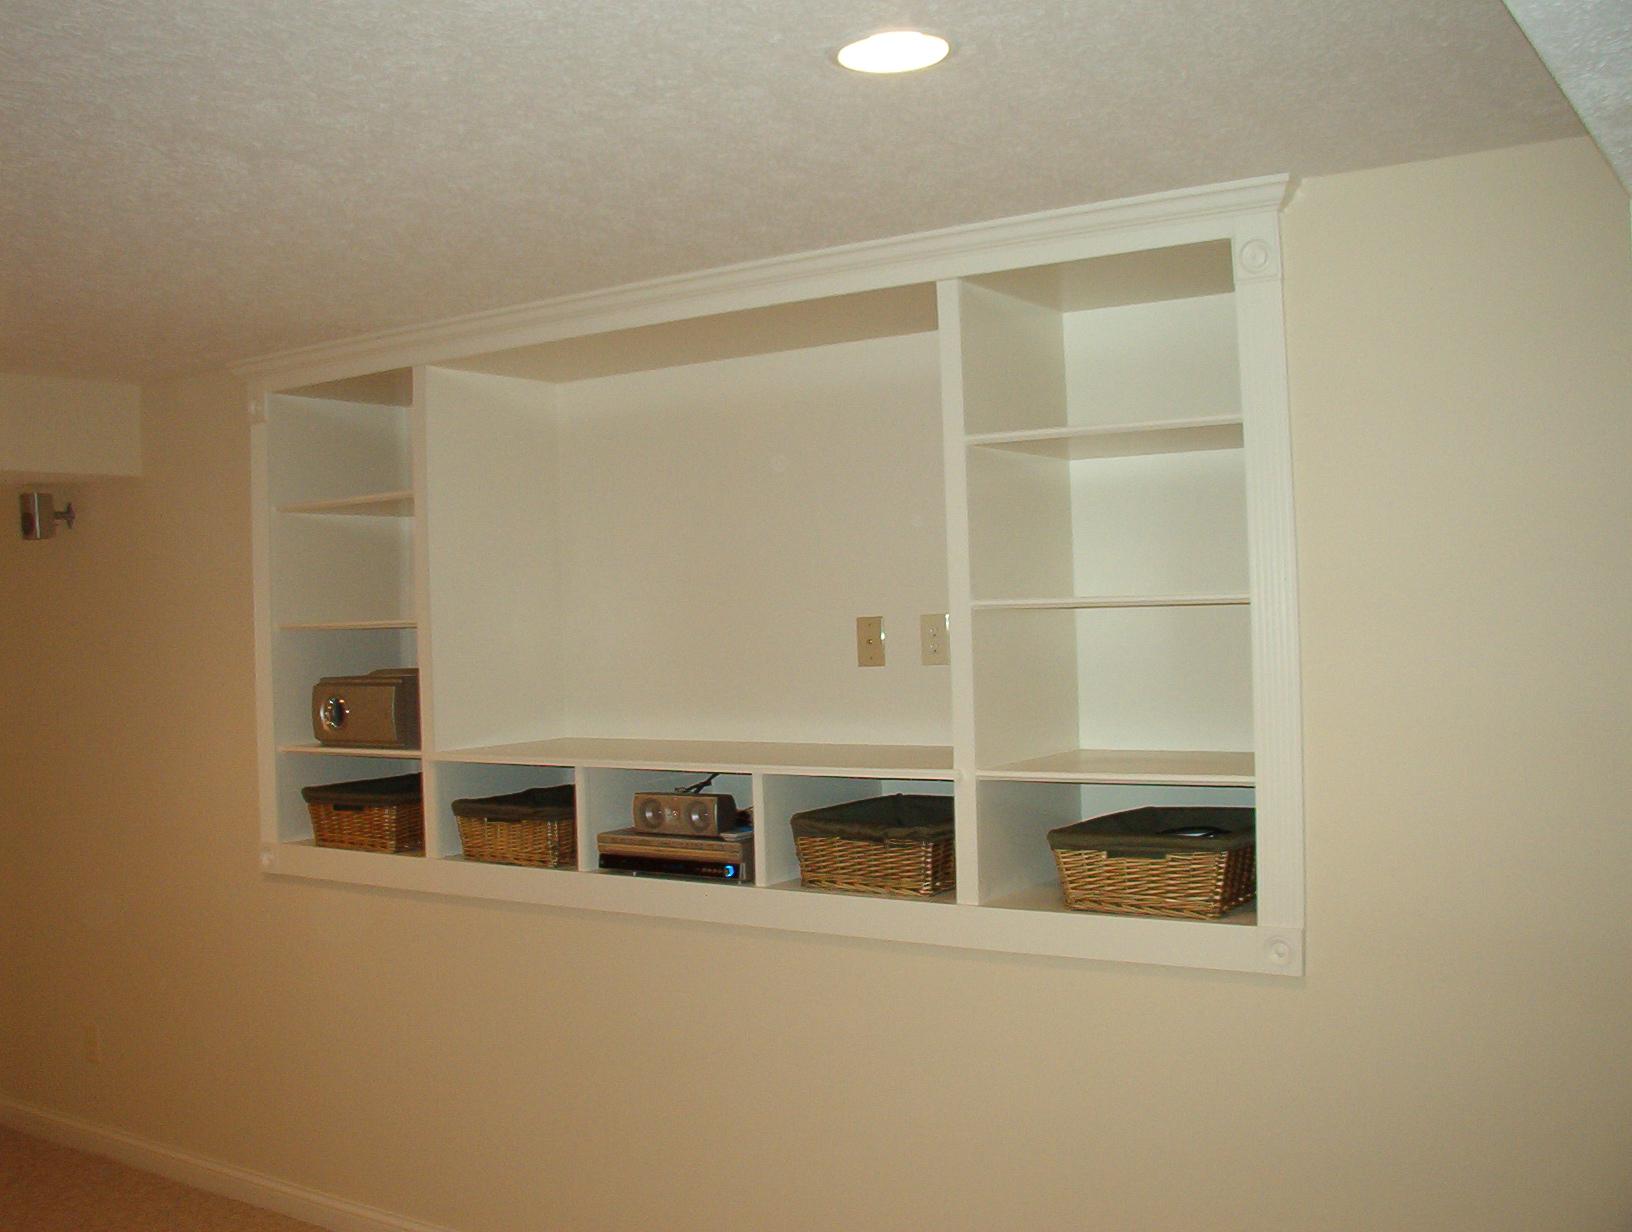 basement remodel ideas plans photo - 5